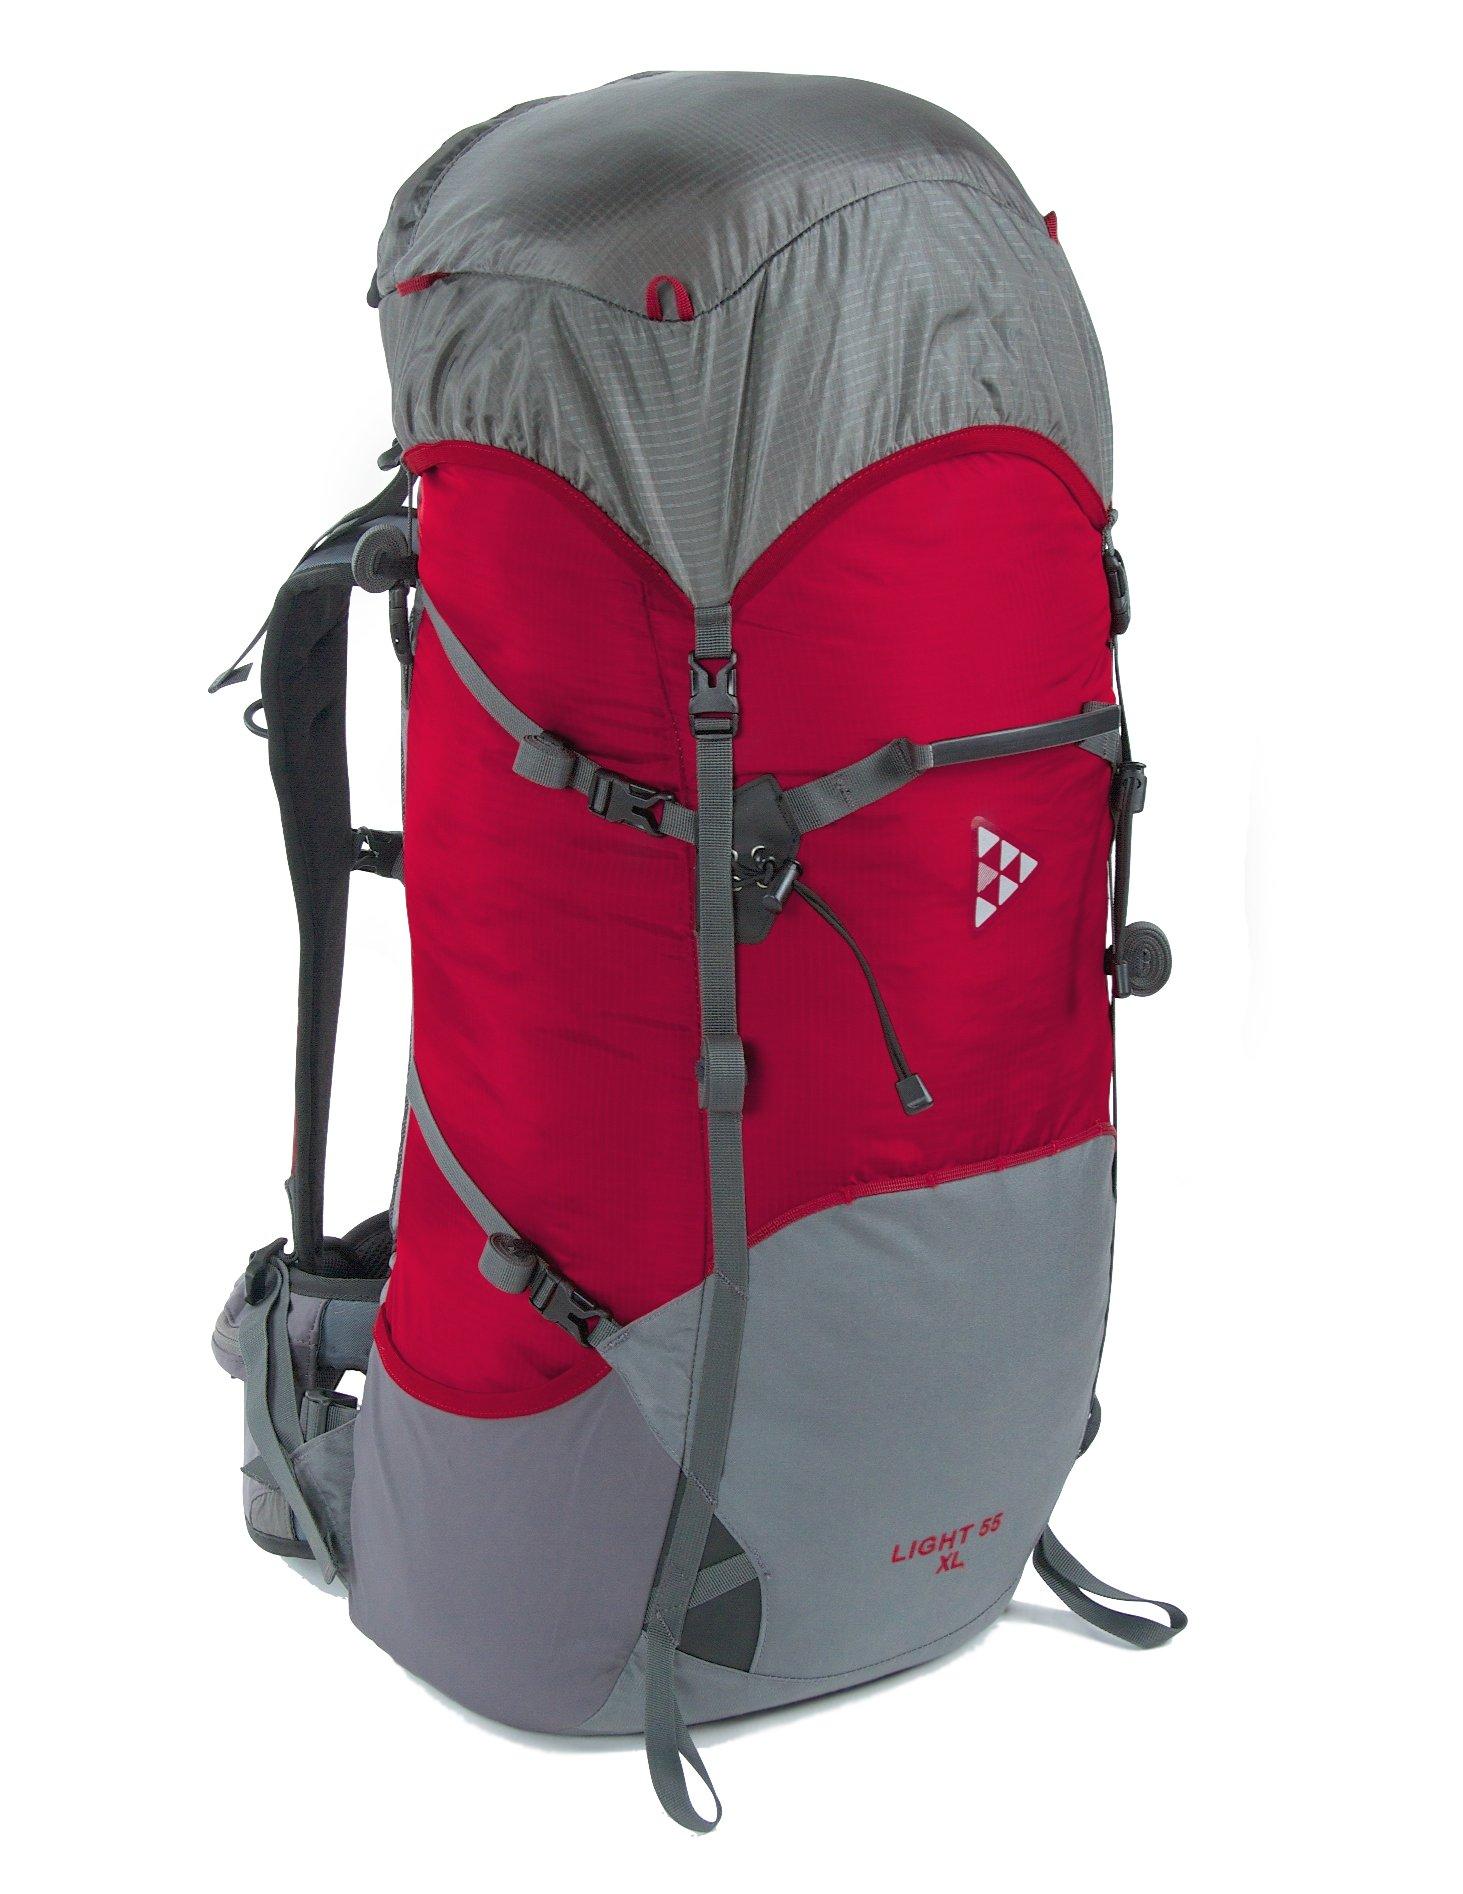 Рюкзак BASK LIGHT 55 XL 5205Новинка! Облегченный туристический рюкзак 55 литров с увеличенной длиной спины. Пояс, верхний клапан и внутренний коврик - съемные.<br><br>Анатомическая конструкция спины и ремней: Да<br>Вентиляция спины: Да<br>Вес граммы: 1177<br>Вес коврика: 0.148<br>Вес съёмного клапана: 0.123<br>Внутренние карманы: Да<br>Внутренняя перегородка: Нет<br>Возможность крепления сноуборда/скейтборда/лыж: Нет<br>Грудной фиксатор: Да<br>Карман для гидратора: Нет<br>Карман для средств связи: Нет<br>Карманы на поясе: Да<br>Клапан: съемный<br>Минимальный вес: 0.683<br>Назначение: трекинговый<br>Накидка от дождя: Нет<br>Наружная навеска: навесная система позволяет крепить специальное снаряжение<br>Наружные карманы: Да<br>Нижний вход: Нет<br>Объем л.: 55<br>Регулировка объема: Да<br>Регулировка угла наклона пояса: Нет<br>Светоотражающий кант: Нет<br>Система подвески: система подвески регулируется<br>Ткань: 100D Robic® Triple Rip 2000 мм Н2О UTS<br>Усиление: 210Dx420D  Robic® Kodra<br>Усиление дна: Да<br>Фурнитура: W.J., YKK®<br>Цвет: КРАСНЫЙ